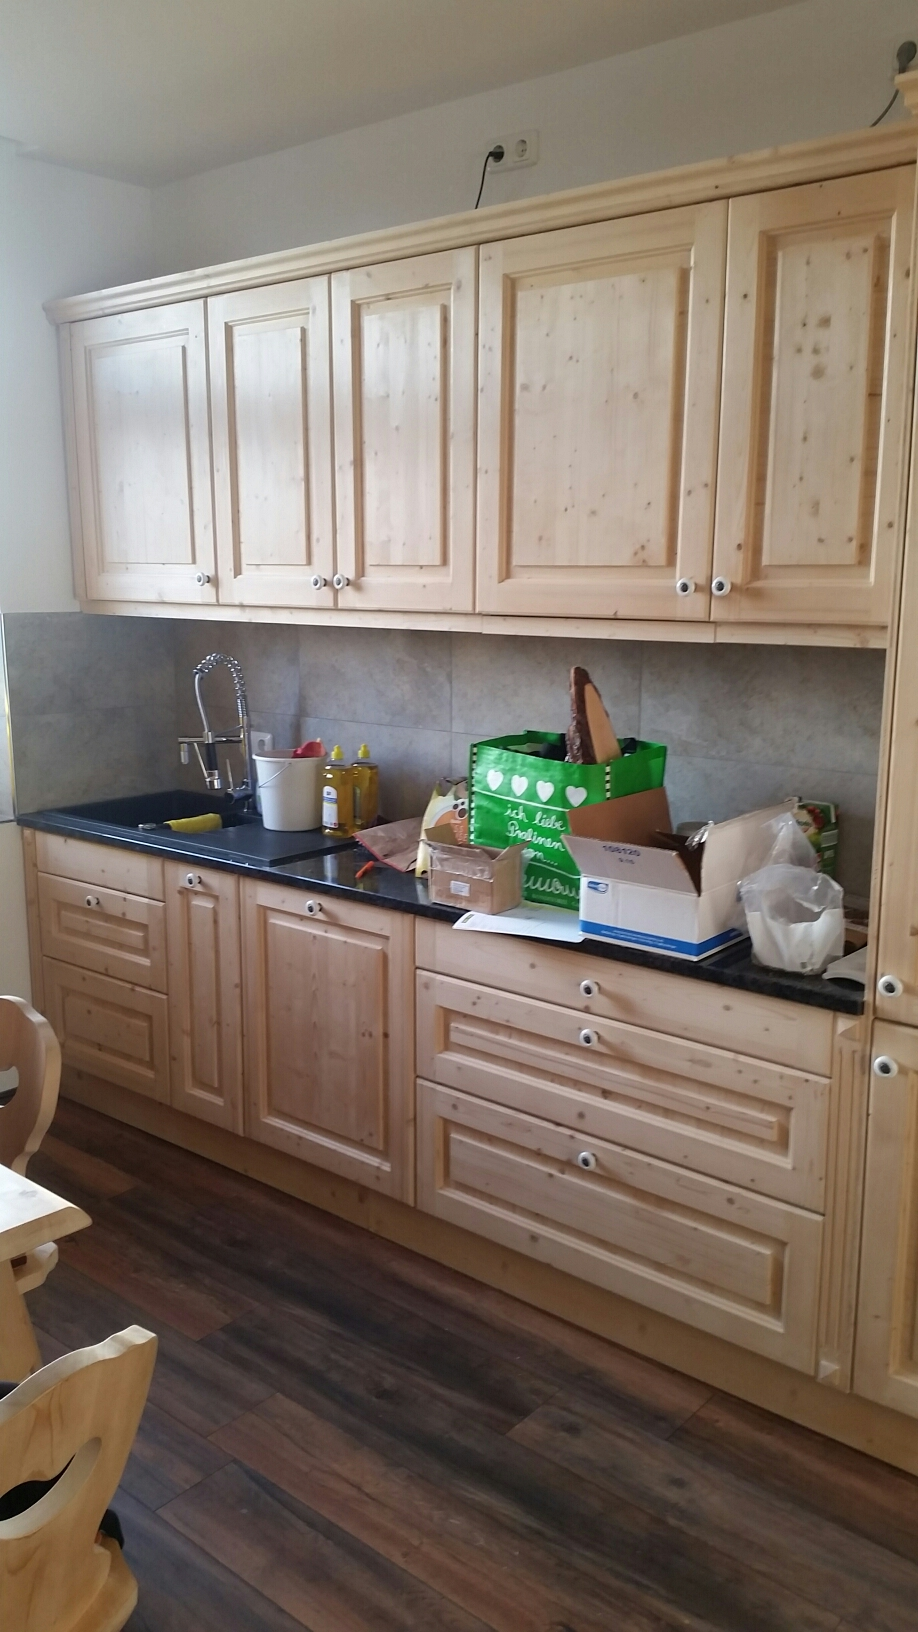 Küche Essen - Maßgefertigte Lösungen für Ihre Küche und den Rest des ...